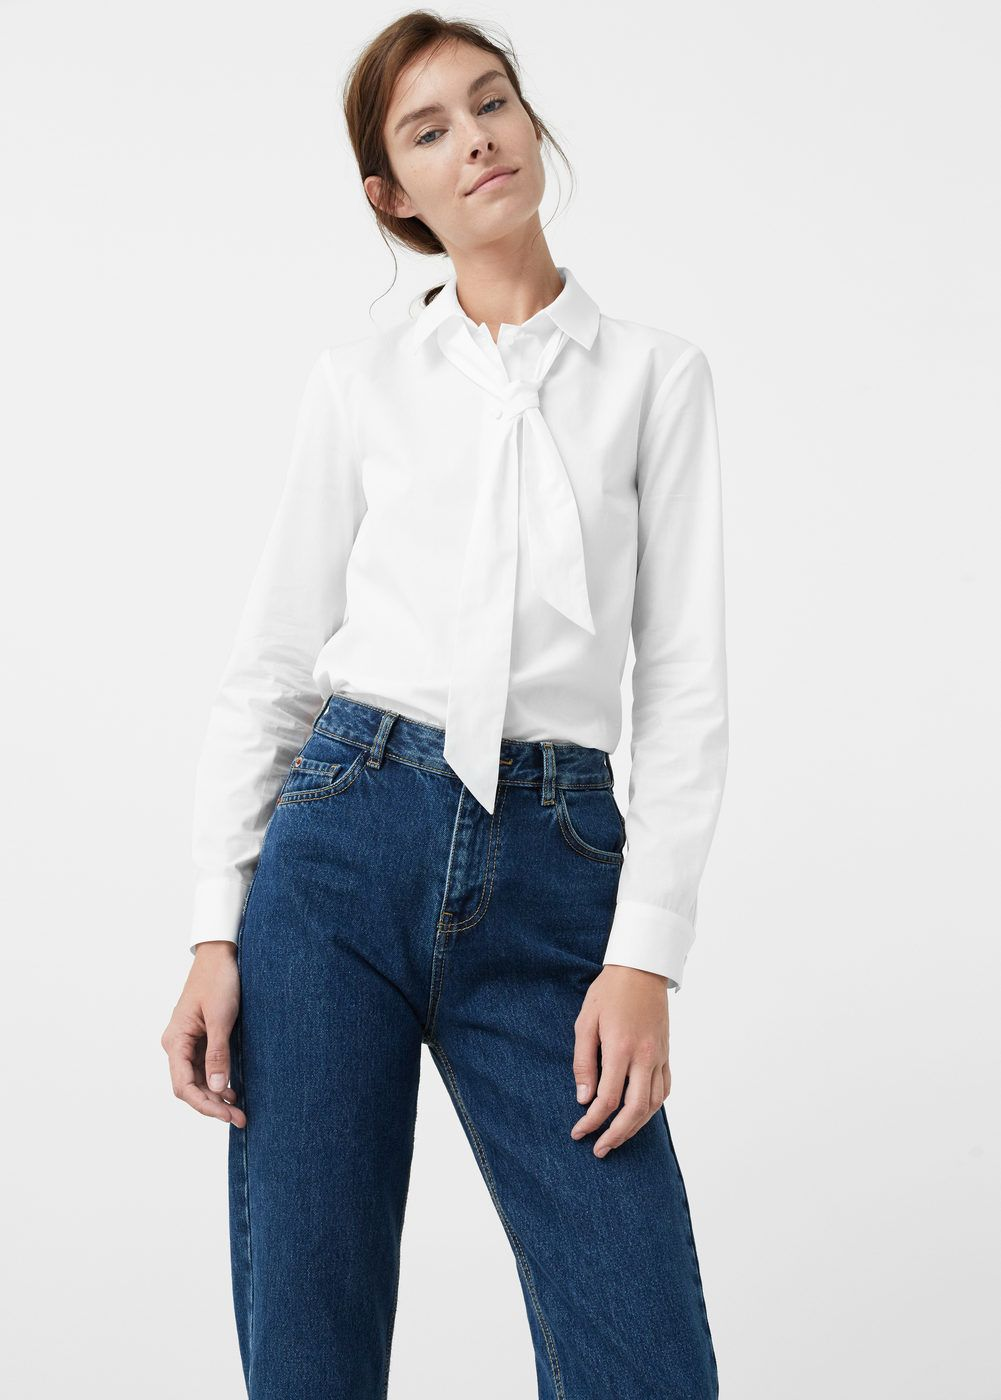 5dbab027d9e Blusa lazo cuello - Mujer en 2019 | Outfits | Blusas con lazo ...